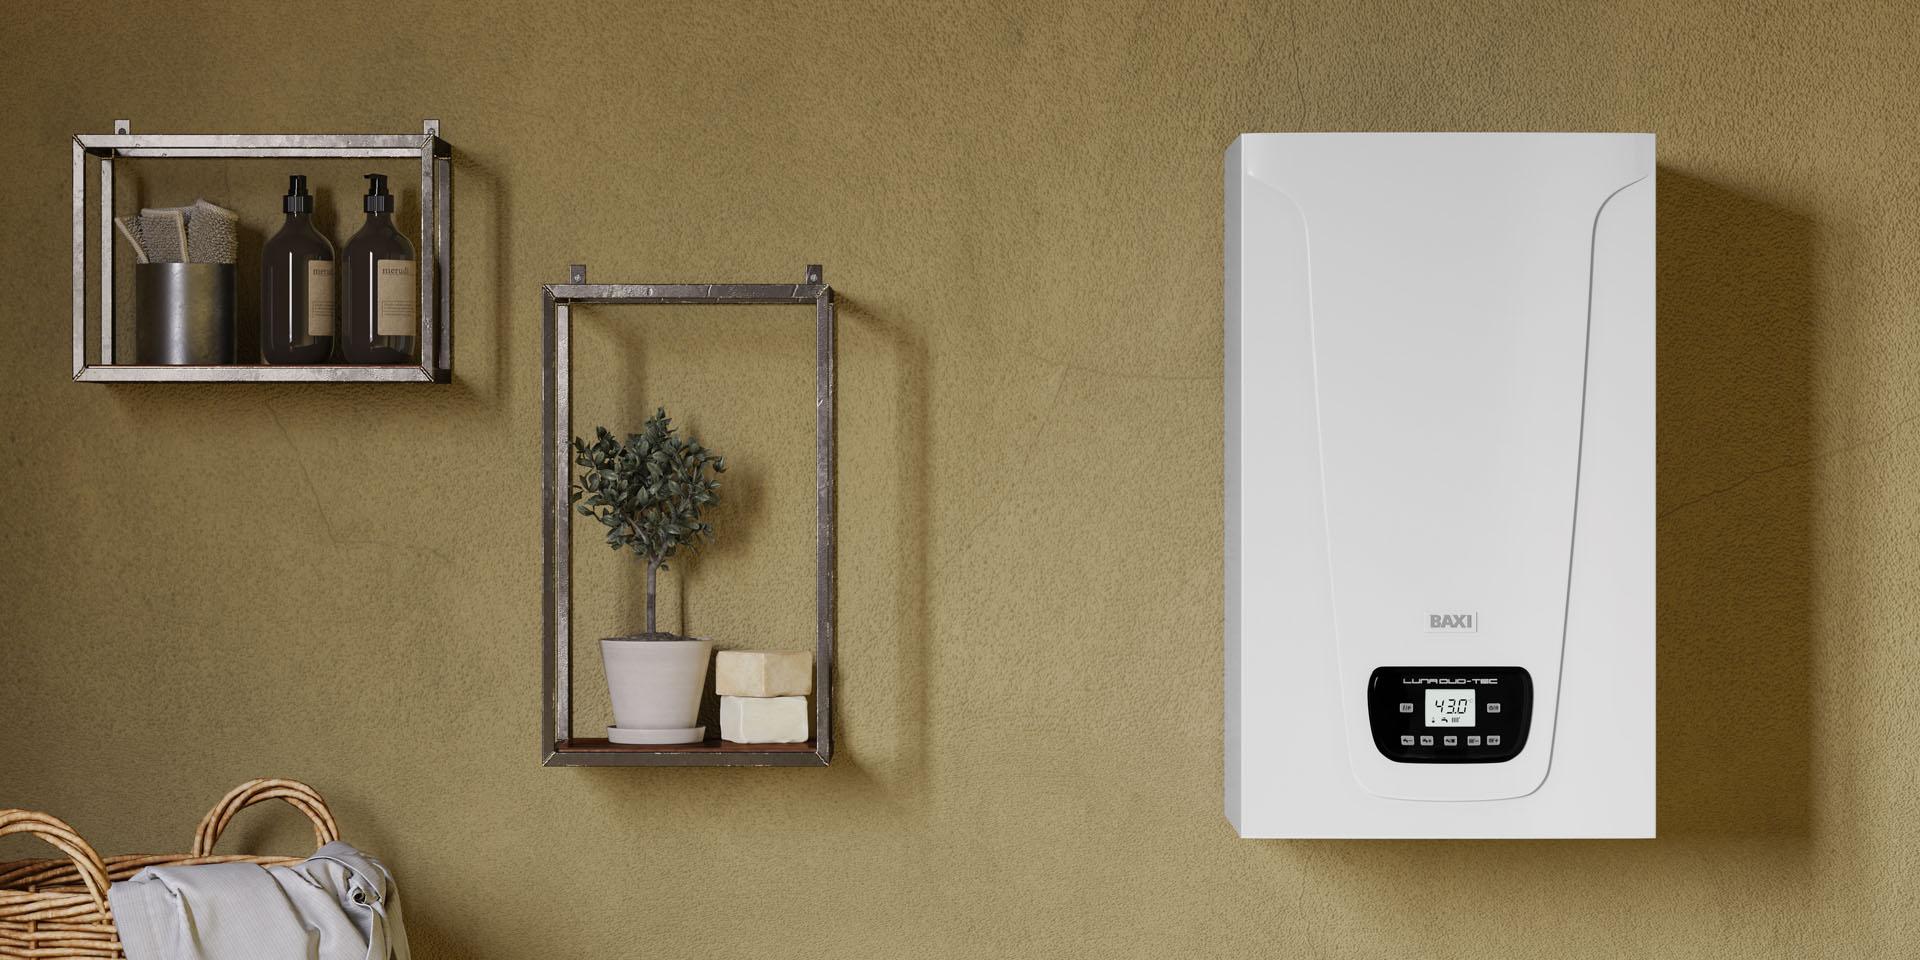 Il Miglior Sistema Di Riscaldamento scelta della caldaia: le migliori caldaie a condensazione